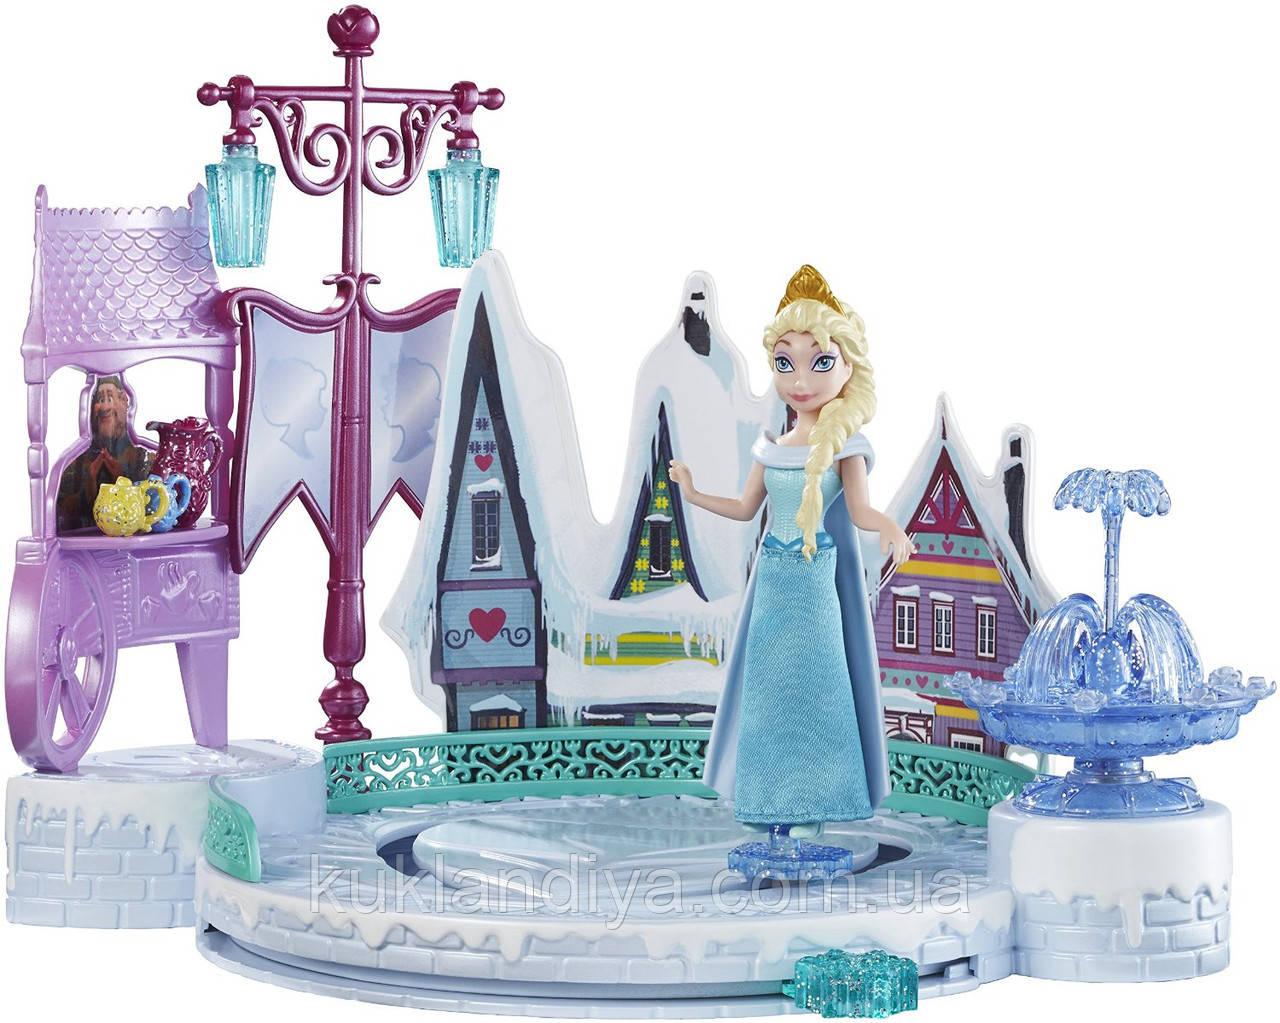 Игровой набор Эльза на катке - Disney Frozen Elsas Ice Skating Rink